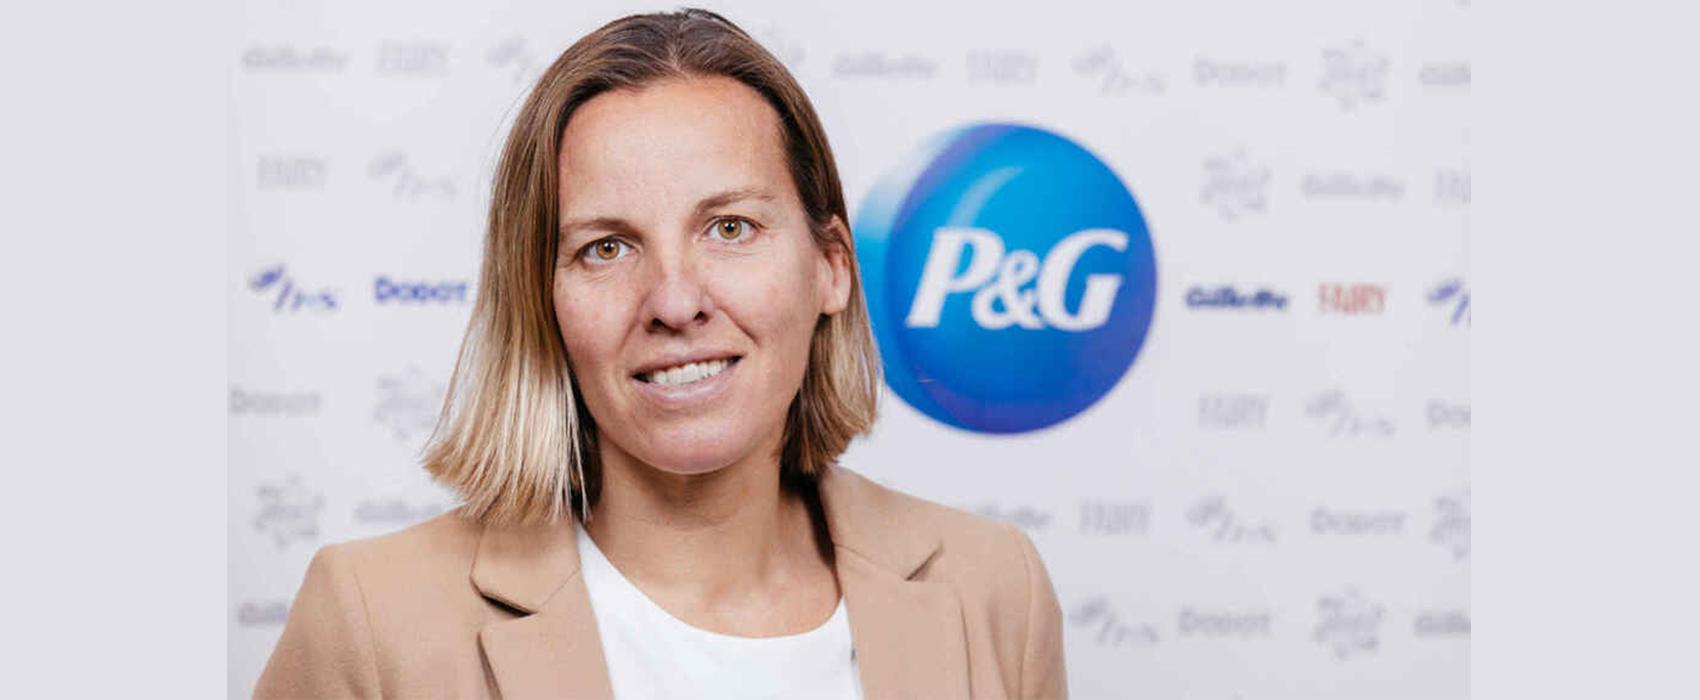 Vanessa Prats Procter & Gamble